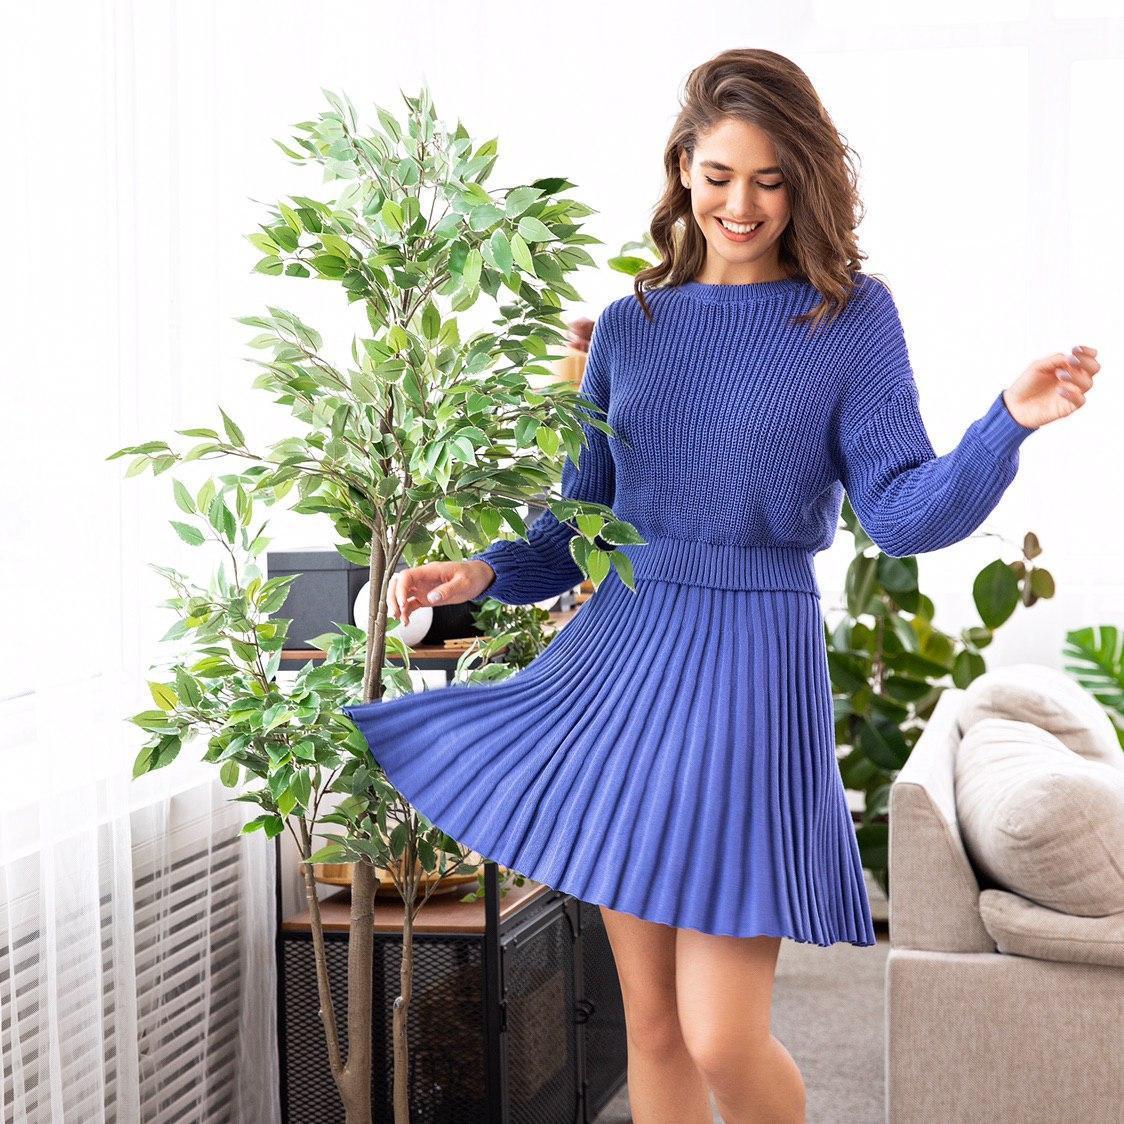 Женский укороченный свитер из 100% хлопка, внизу на манжете (р. 42-46) 6104911